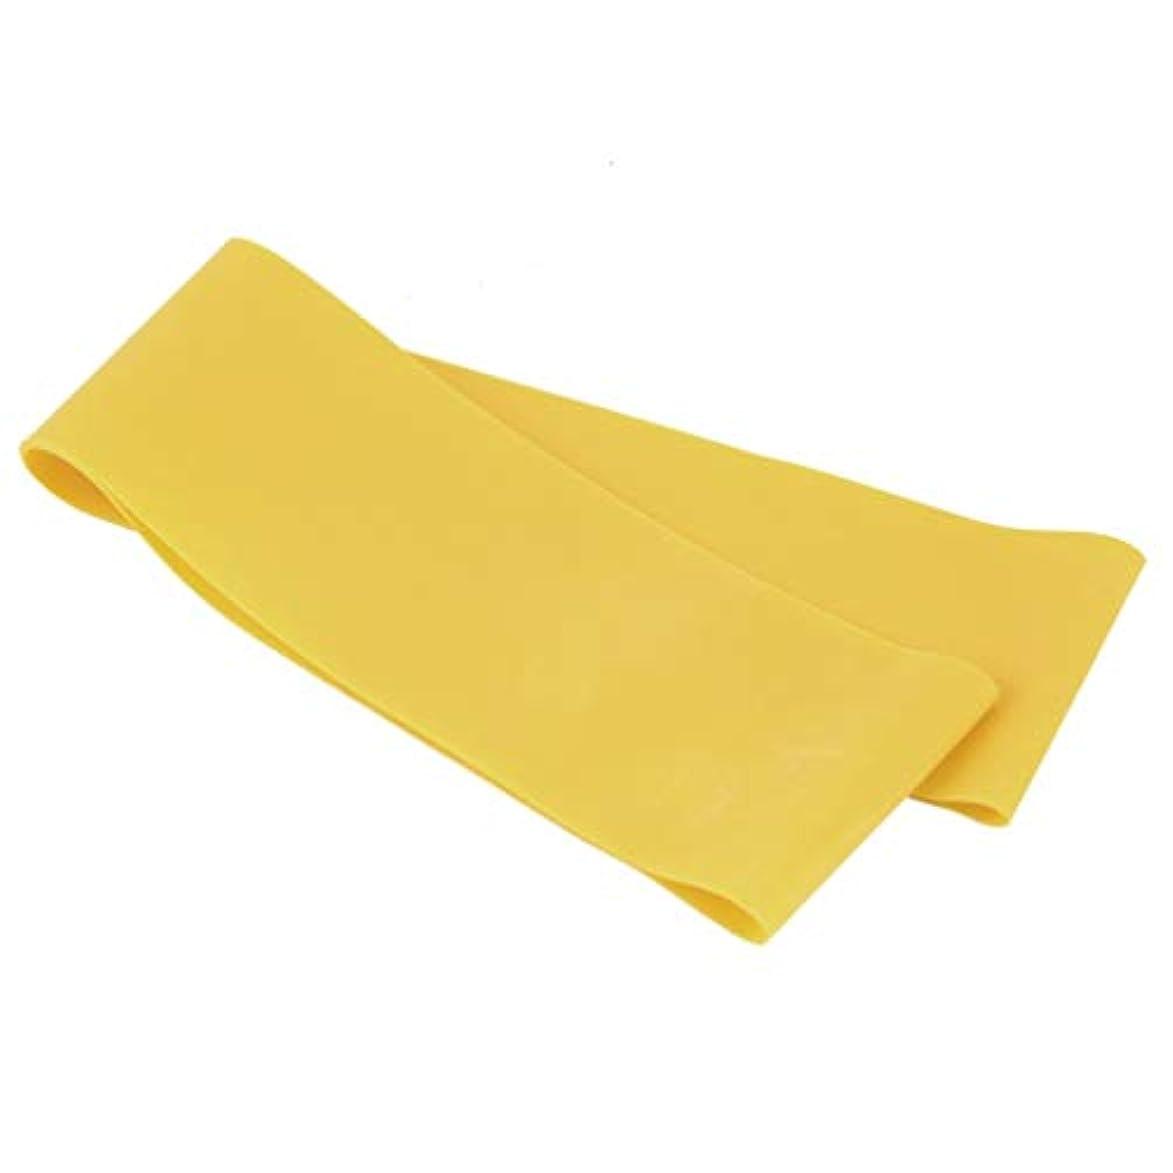 除去鍔ラッドヤードキップリング滑り止めの伸縮性のあるゴム製伸縮性があるヨガのベルトバンド引きロープの張力抵抗バンドループ強さのためのフィットネスヨガツール - 黄色